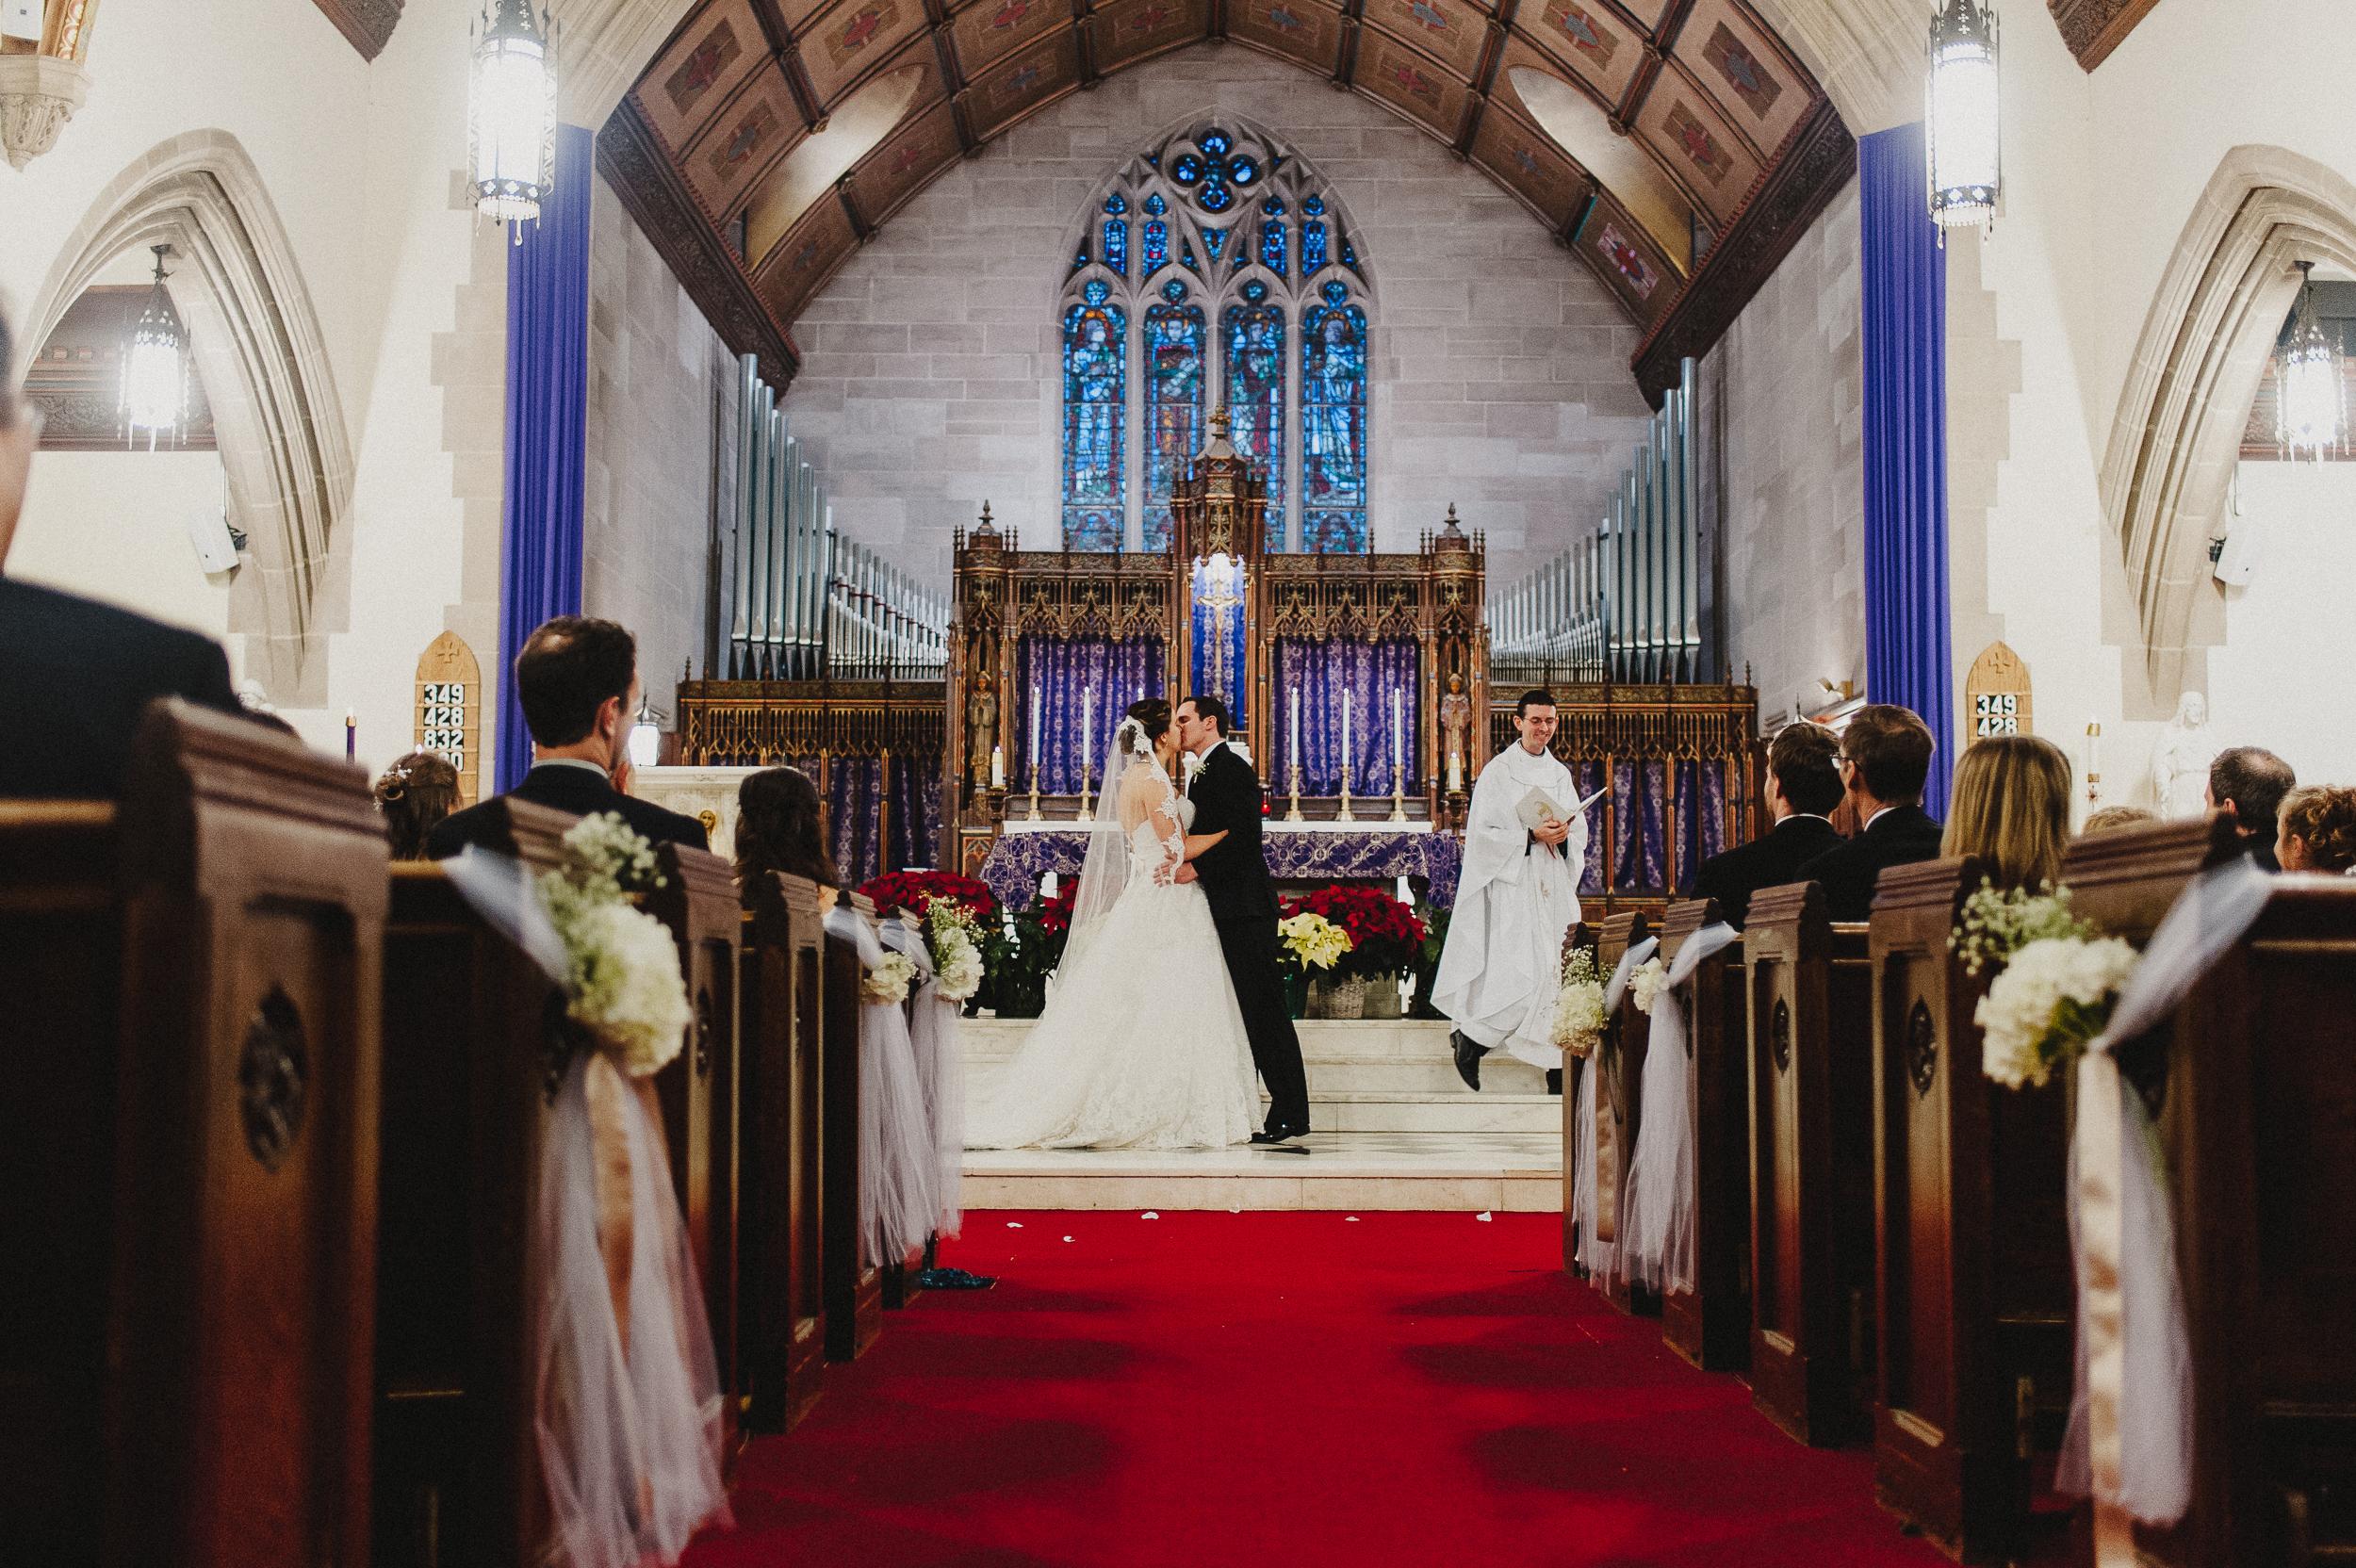 vermont-destination-wedding-photographer-46.jpg